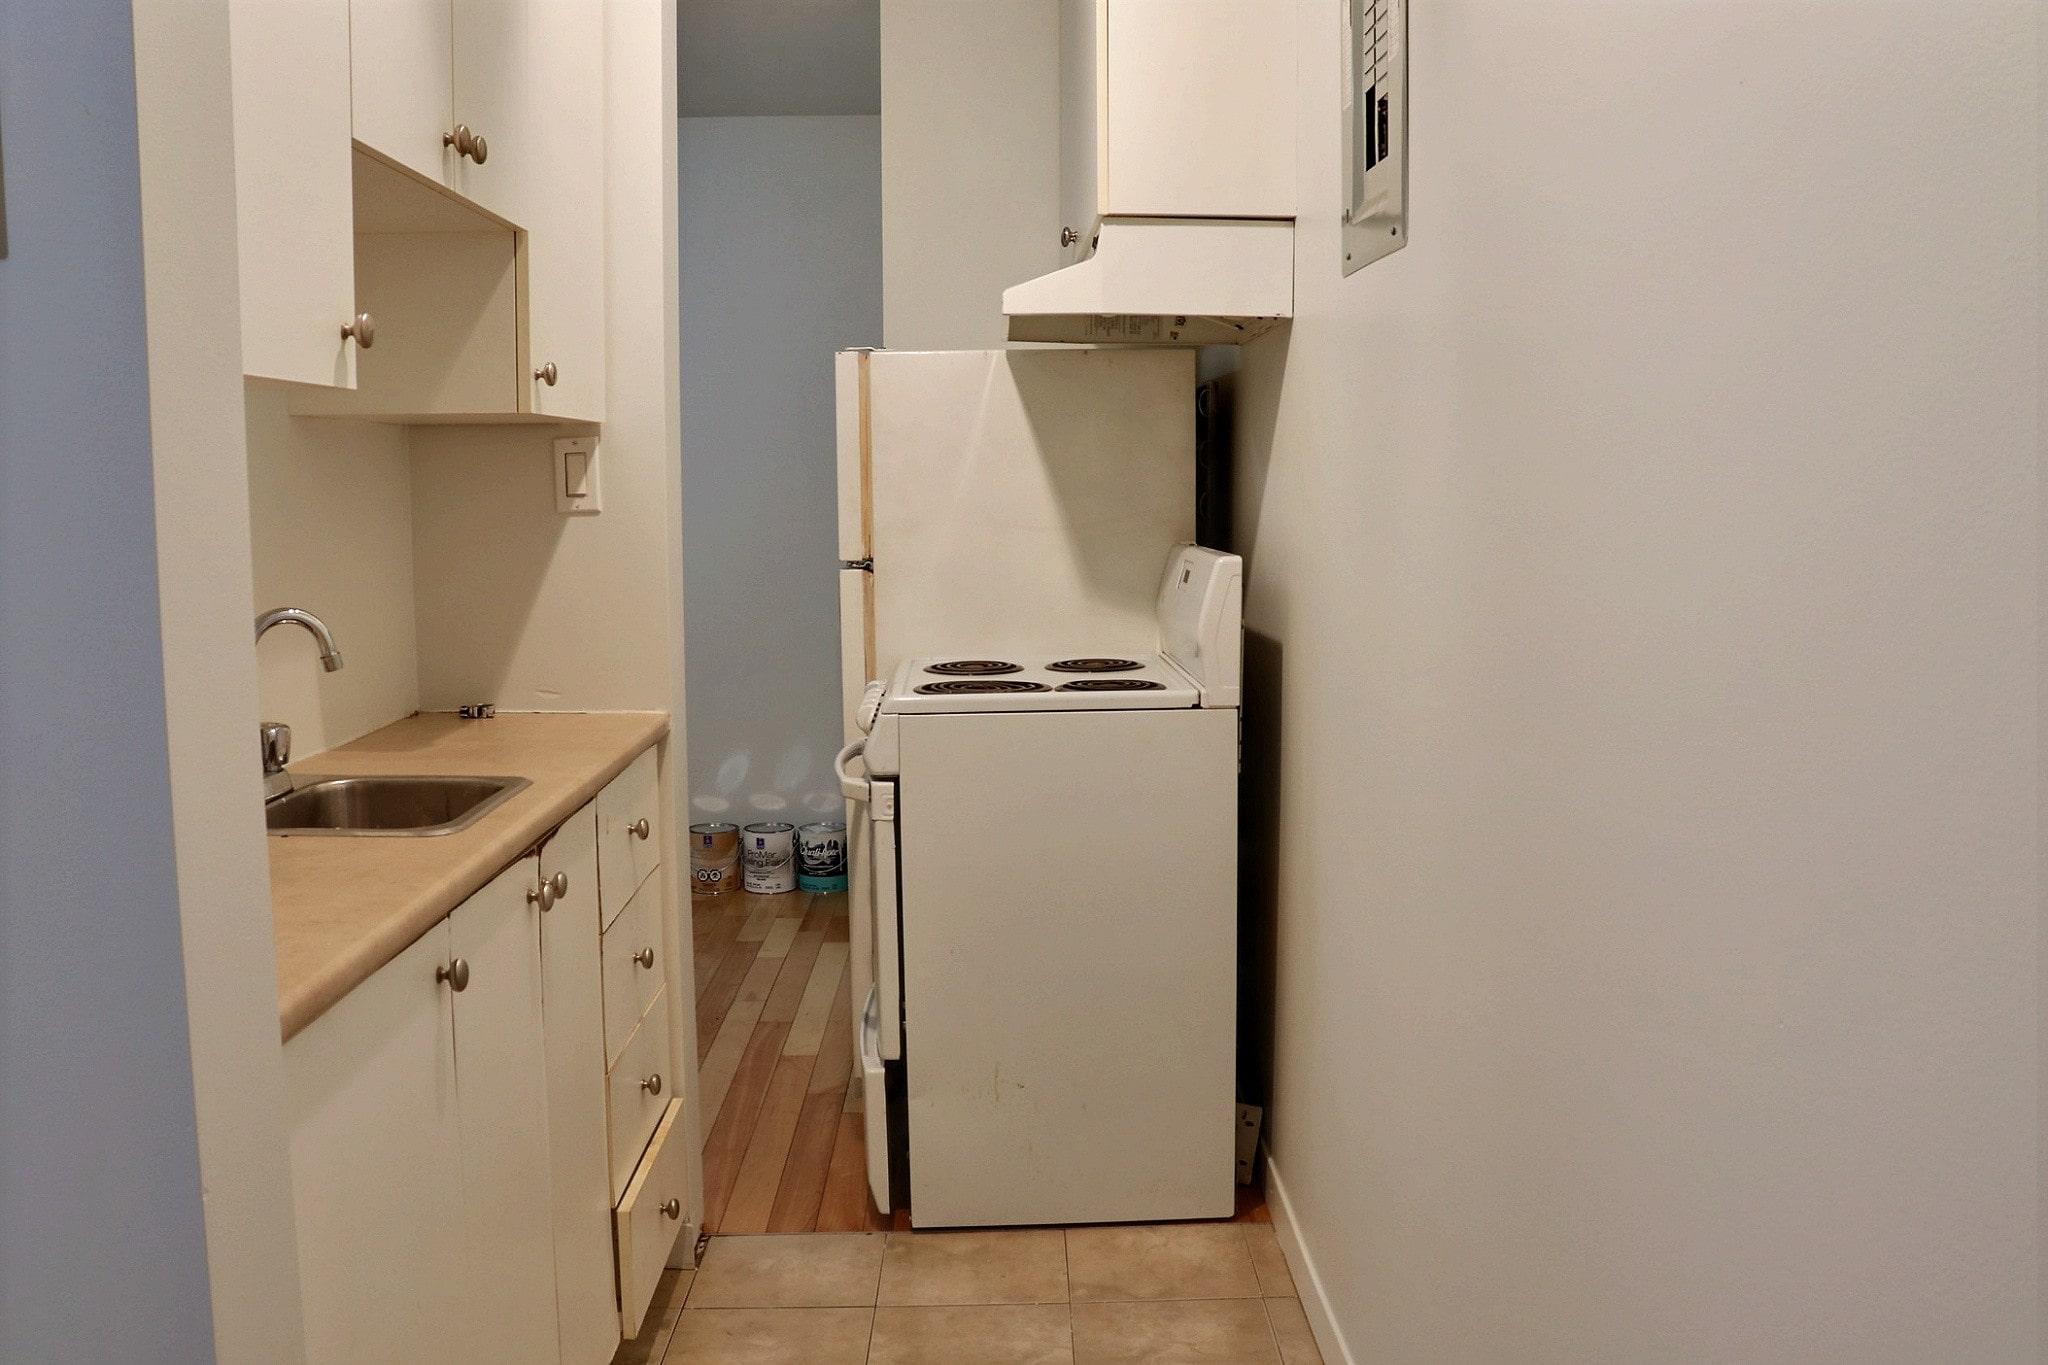 Photo 5 : 2 ½, Libre maintenant, Semi meublé, Eau chaude inclus